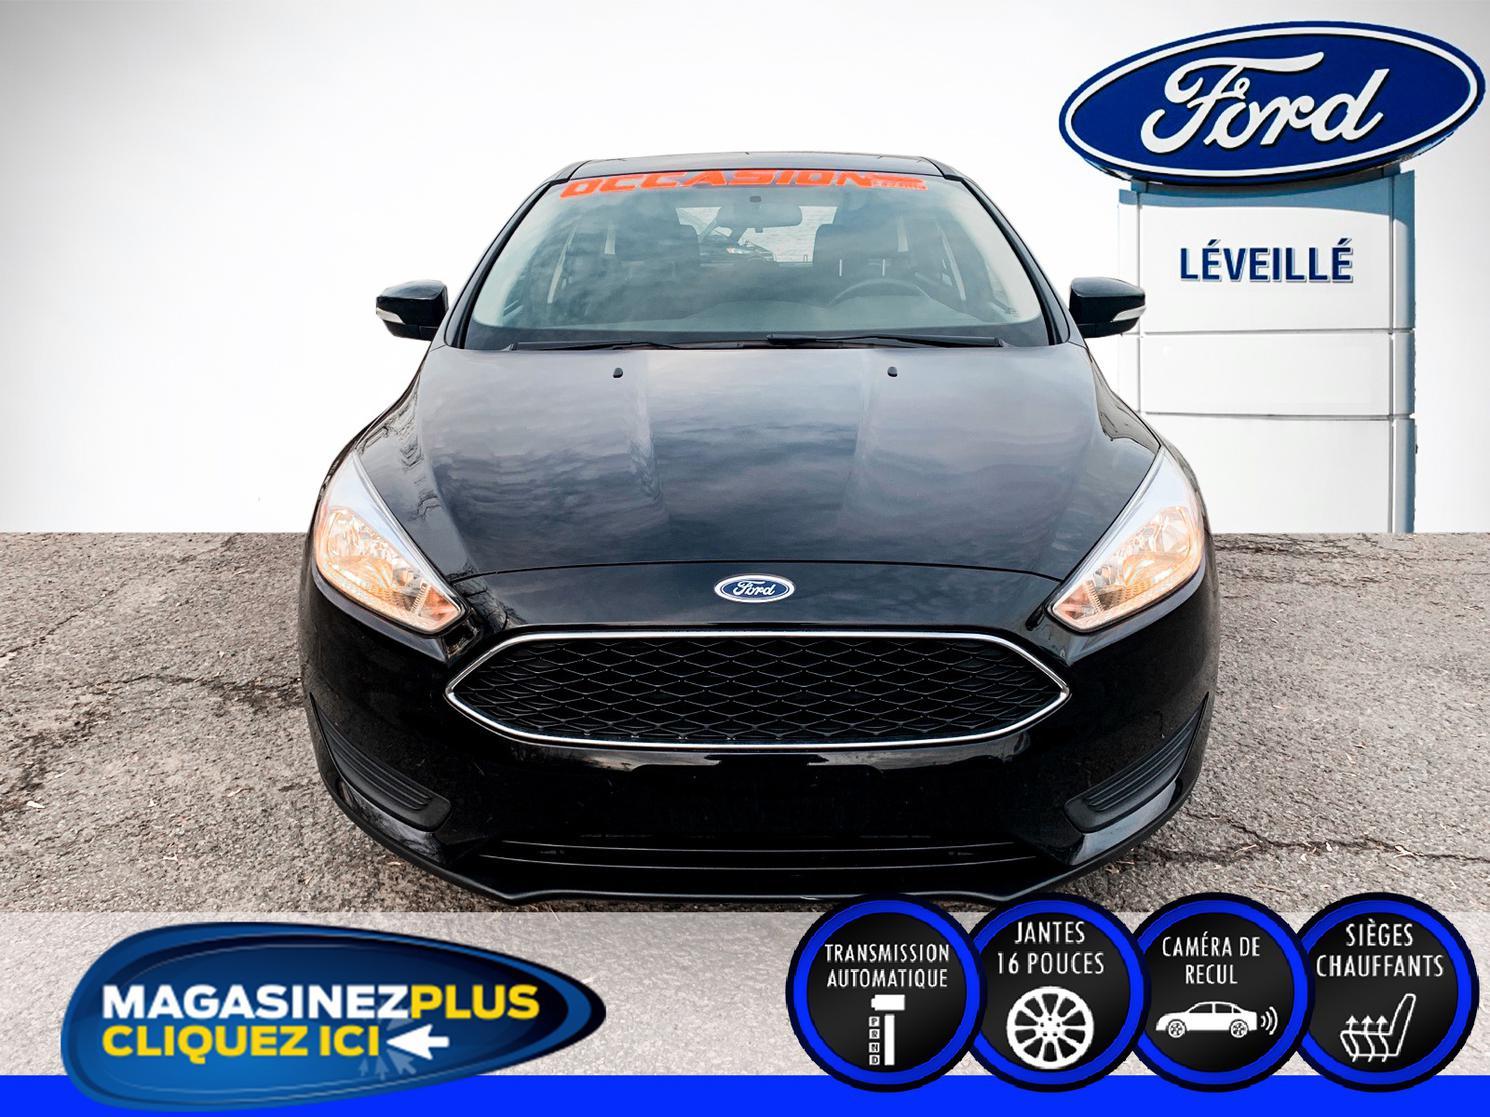 2018 Ford Focus *SE HATCHBACK*AUTOMATIQUE 6 VITESSES*VOLANT ET SIÈGES CHAUFFANTS*RÉTROVISEURS GRAND ANGLE ÉLECTRIQUES ET CHAUFFANTS*TAPIS 4 SAISONS*CAMÉRA DE RECUL*SYSTÈME COMMANDE VOCALE SYNC*BLUETOOTH*PORT USB*PRISE 12 VOLTS*MAGS 16 POUCES*